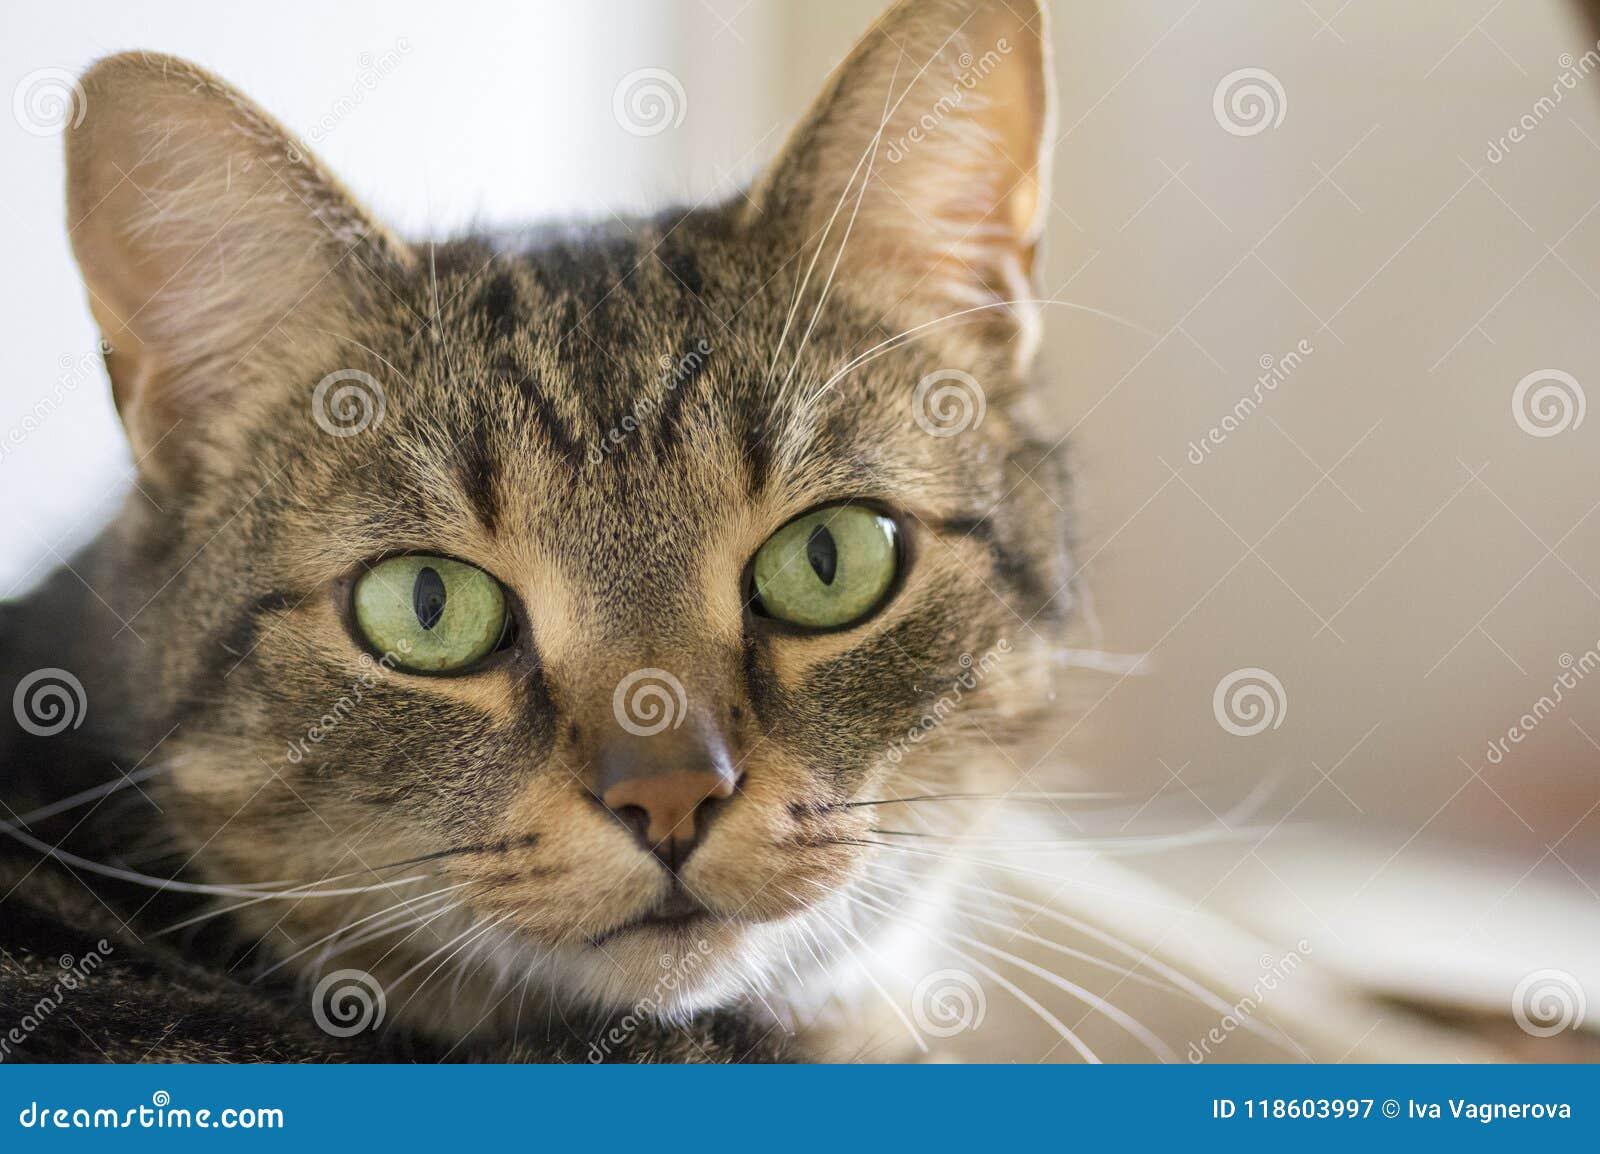 Retrato de mármol nacional del gato, contacto visual, cara linda del gatito